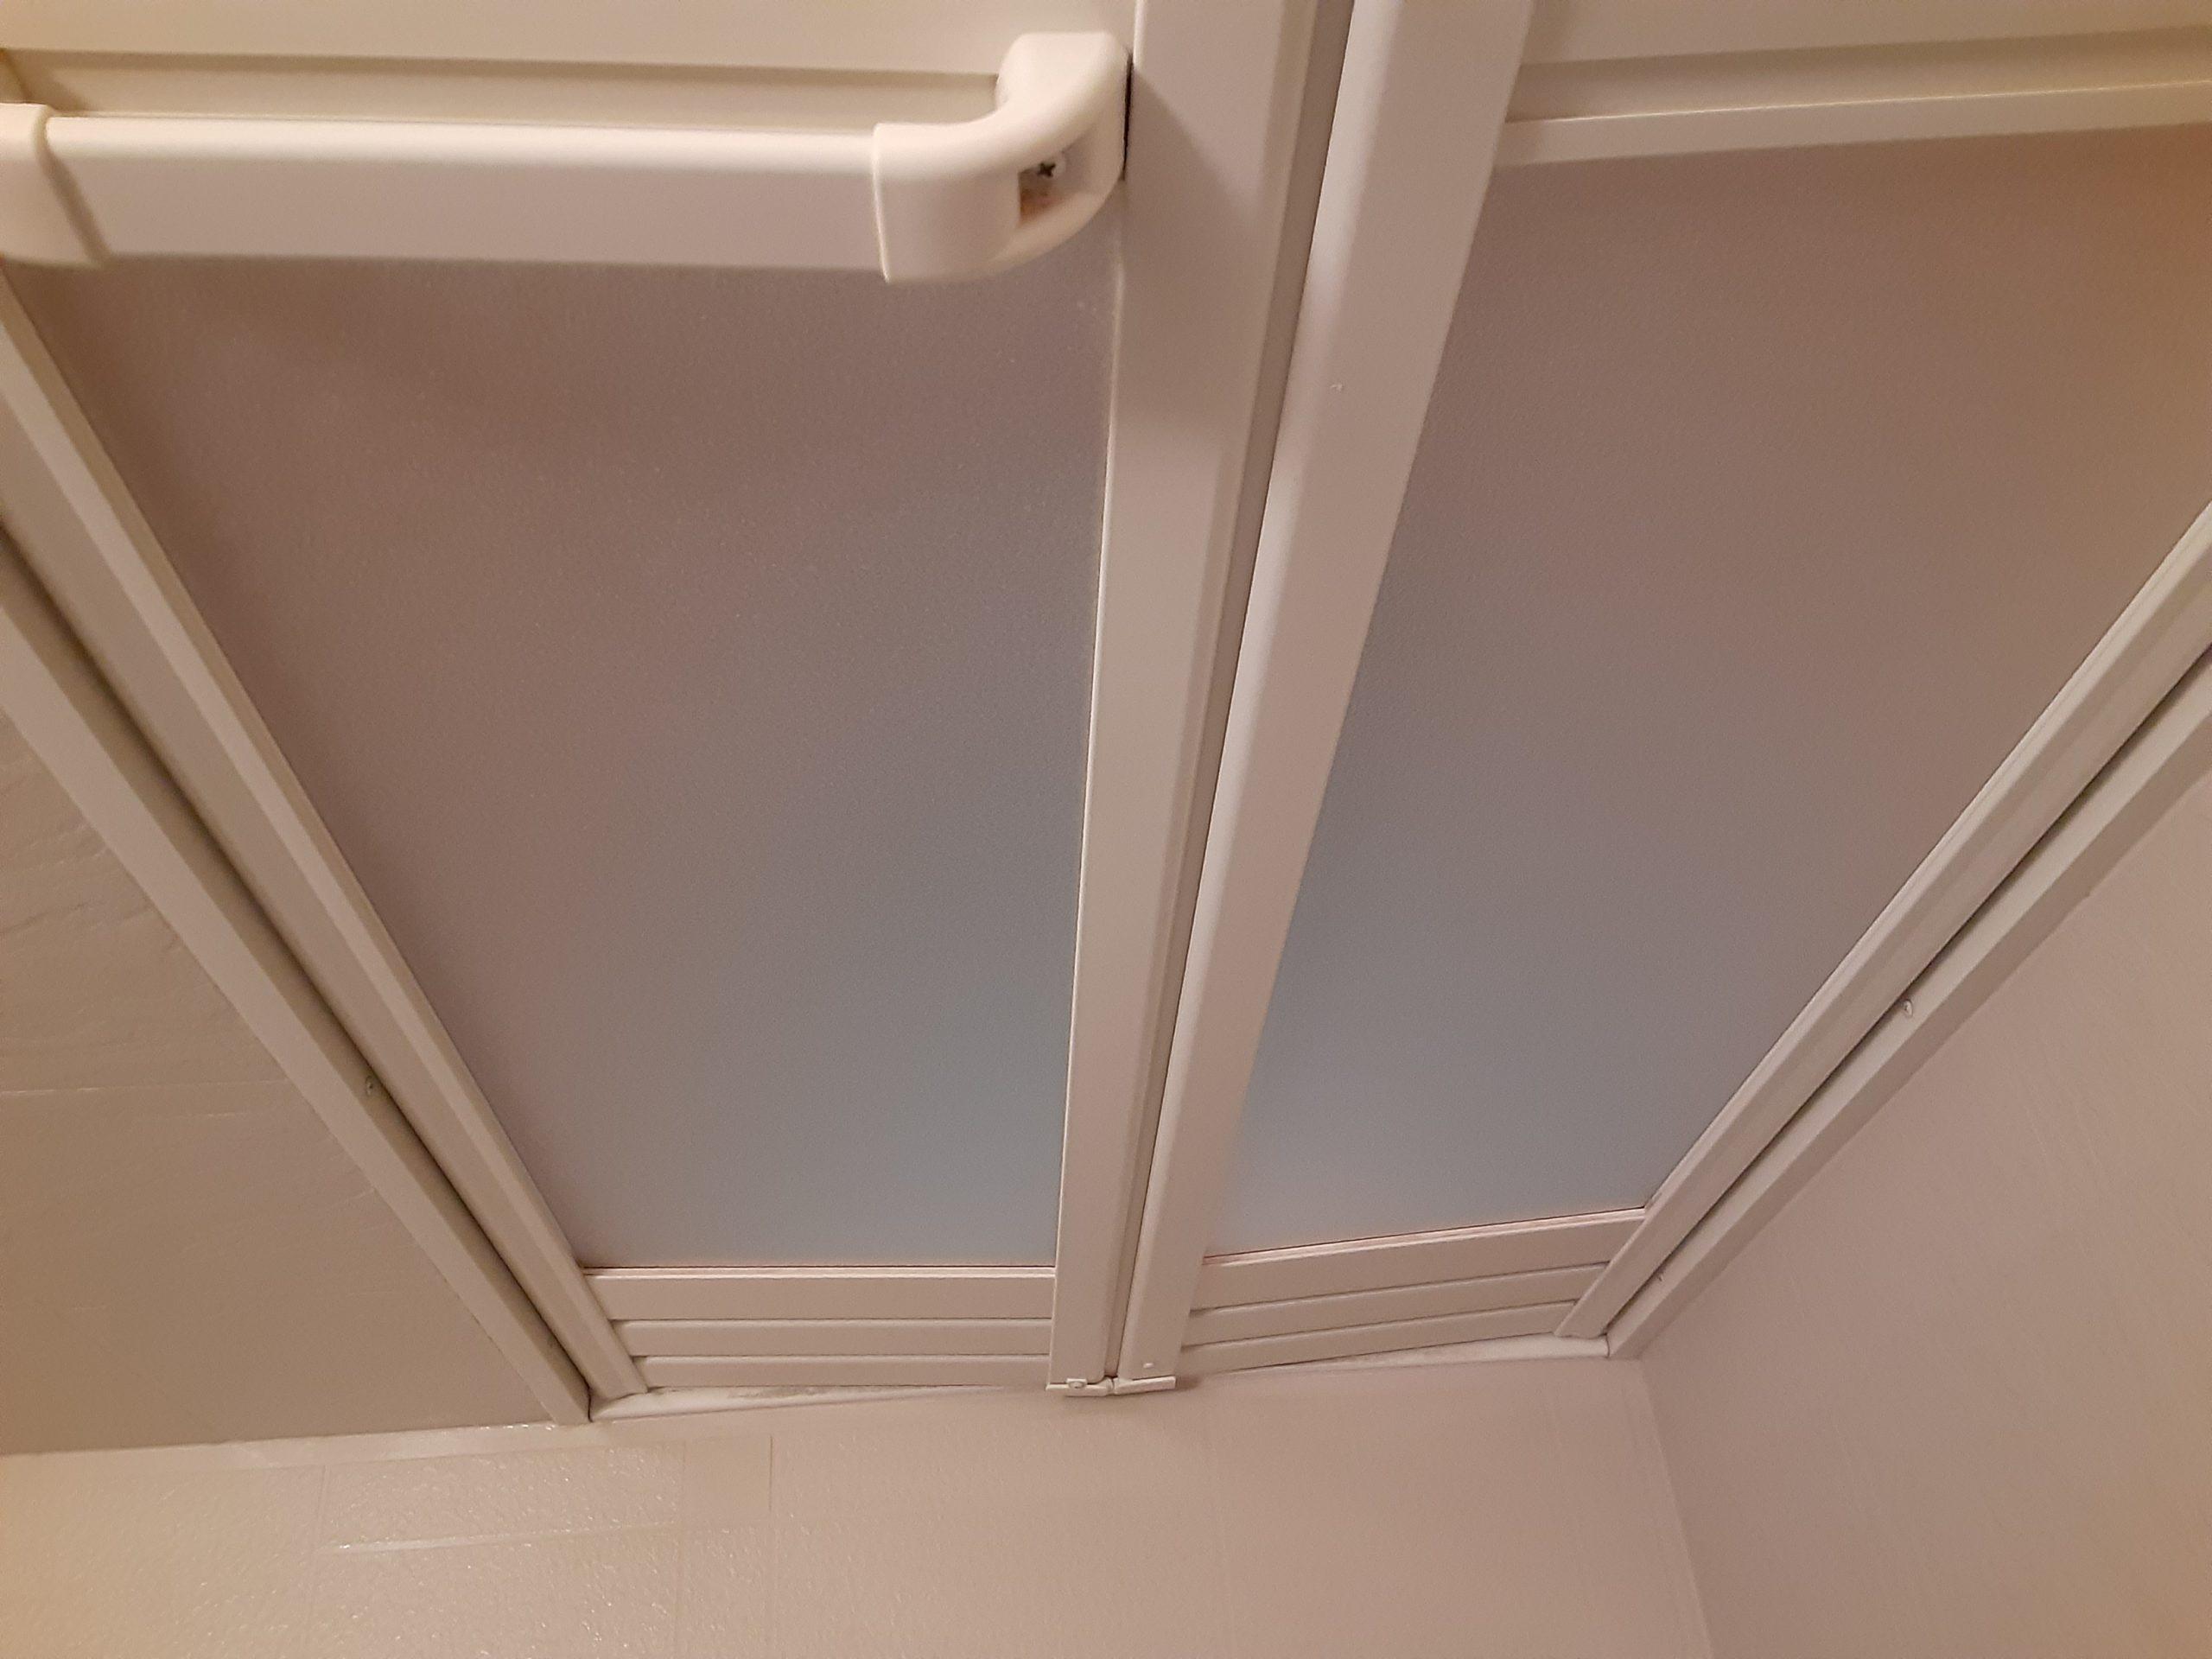 いい部屋おそうじPROの浴室クリーニング